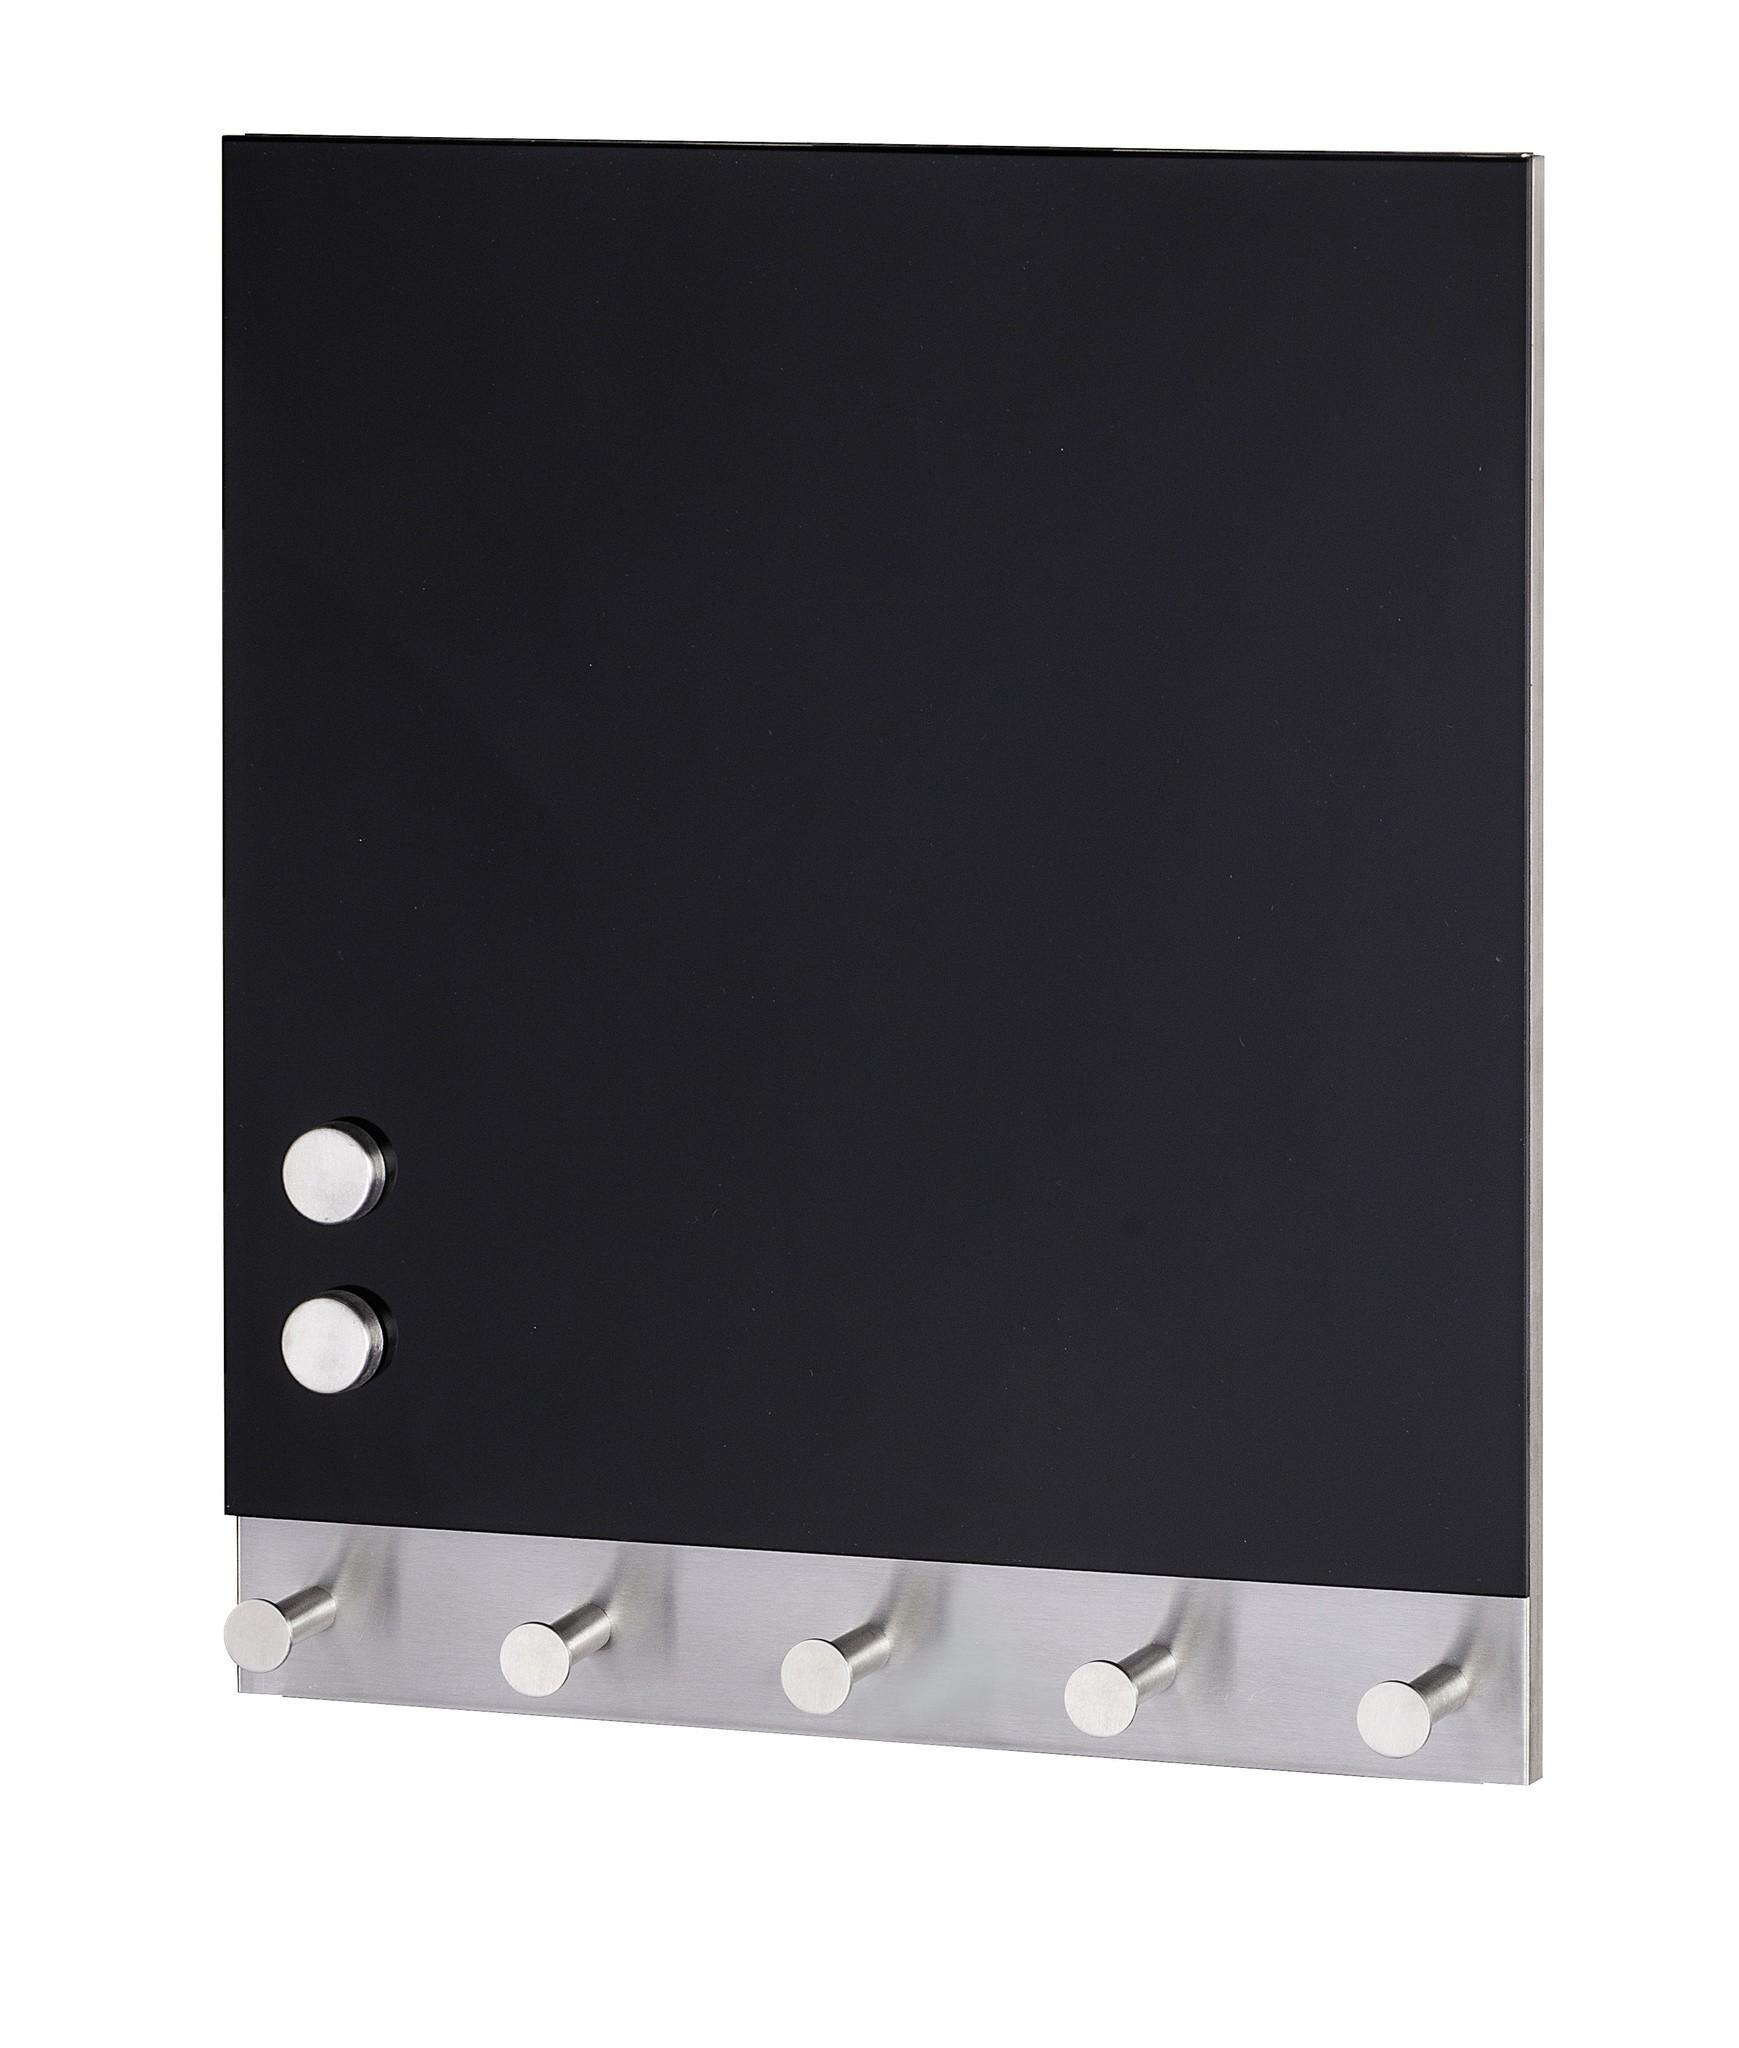 Wenko Magnetische Garderobe Black, 5 Haken, 30 x 34 cm